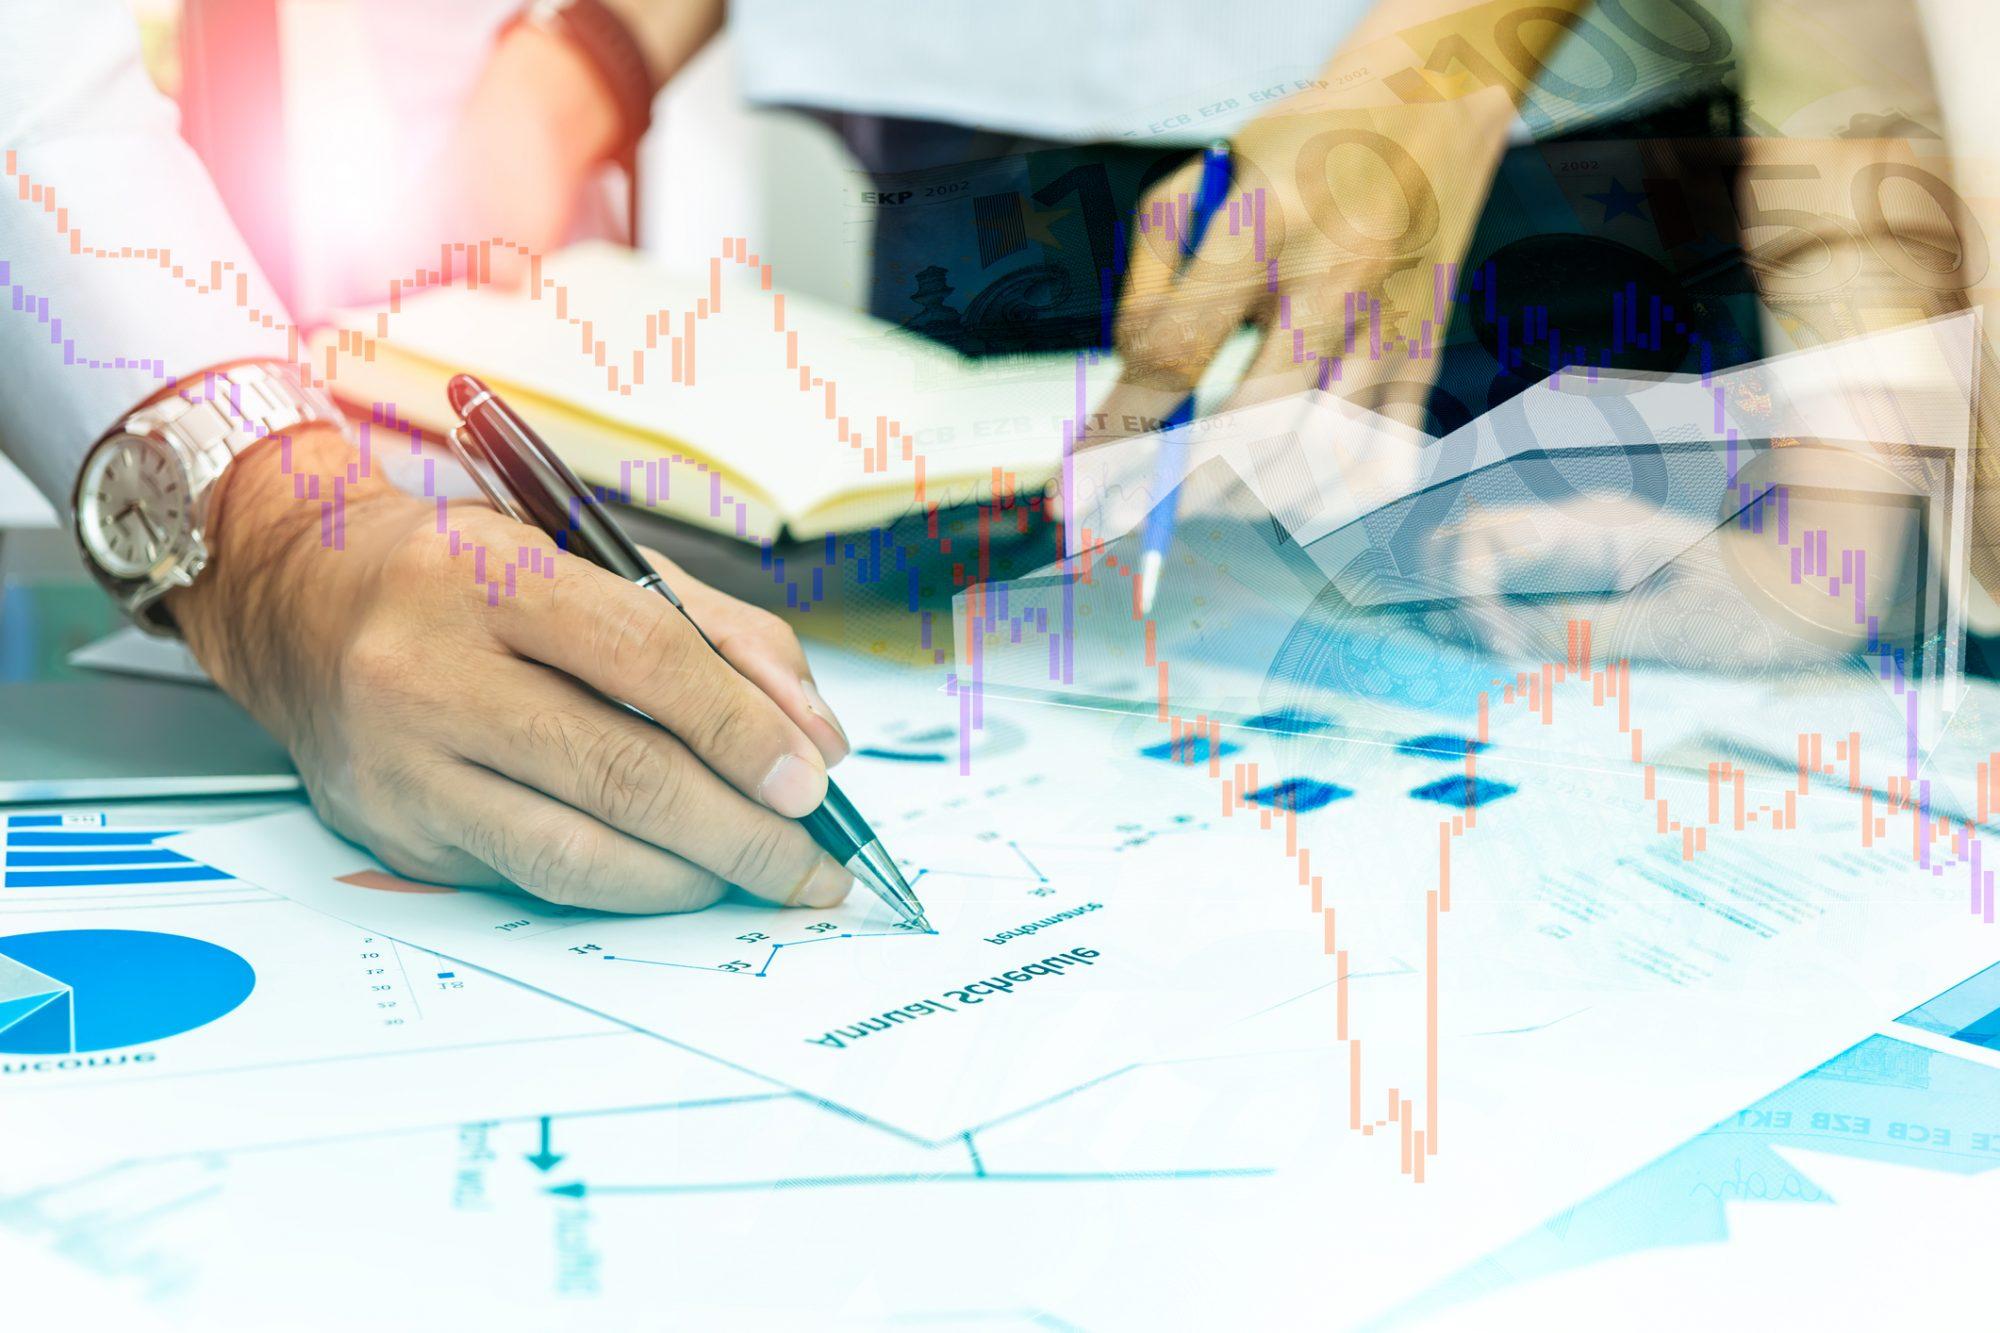 """Business-Meeting zur Finanzstrategie als Metapher für den Artikel """"Zinsbuchsteuerung: Integration faktischer Zinsuntergrenzen"""""""